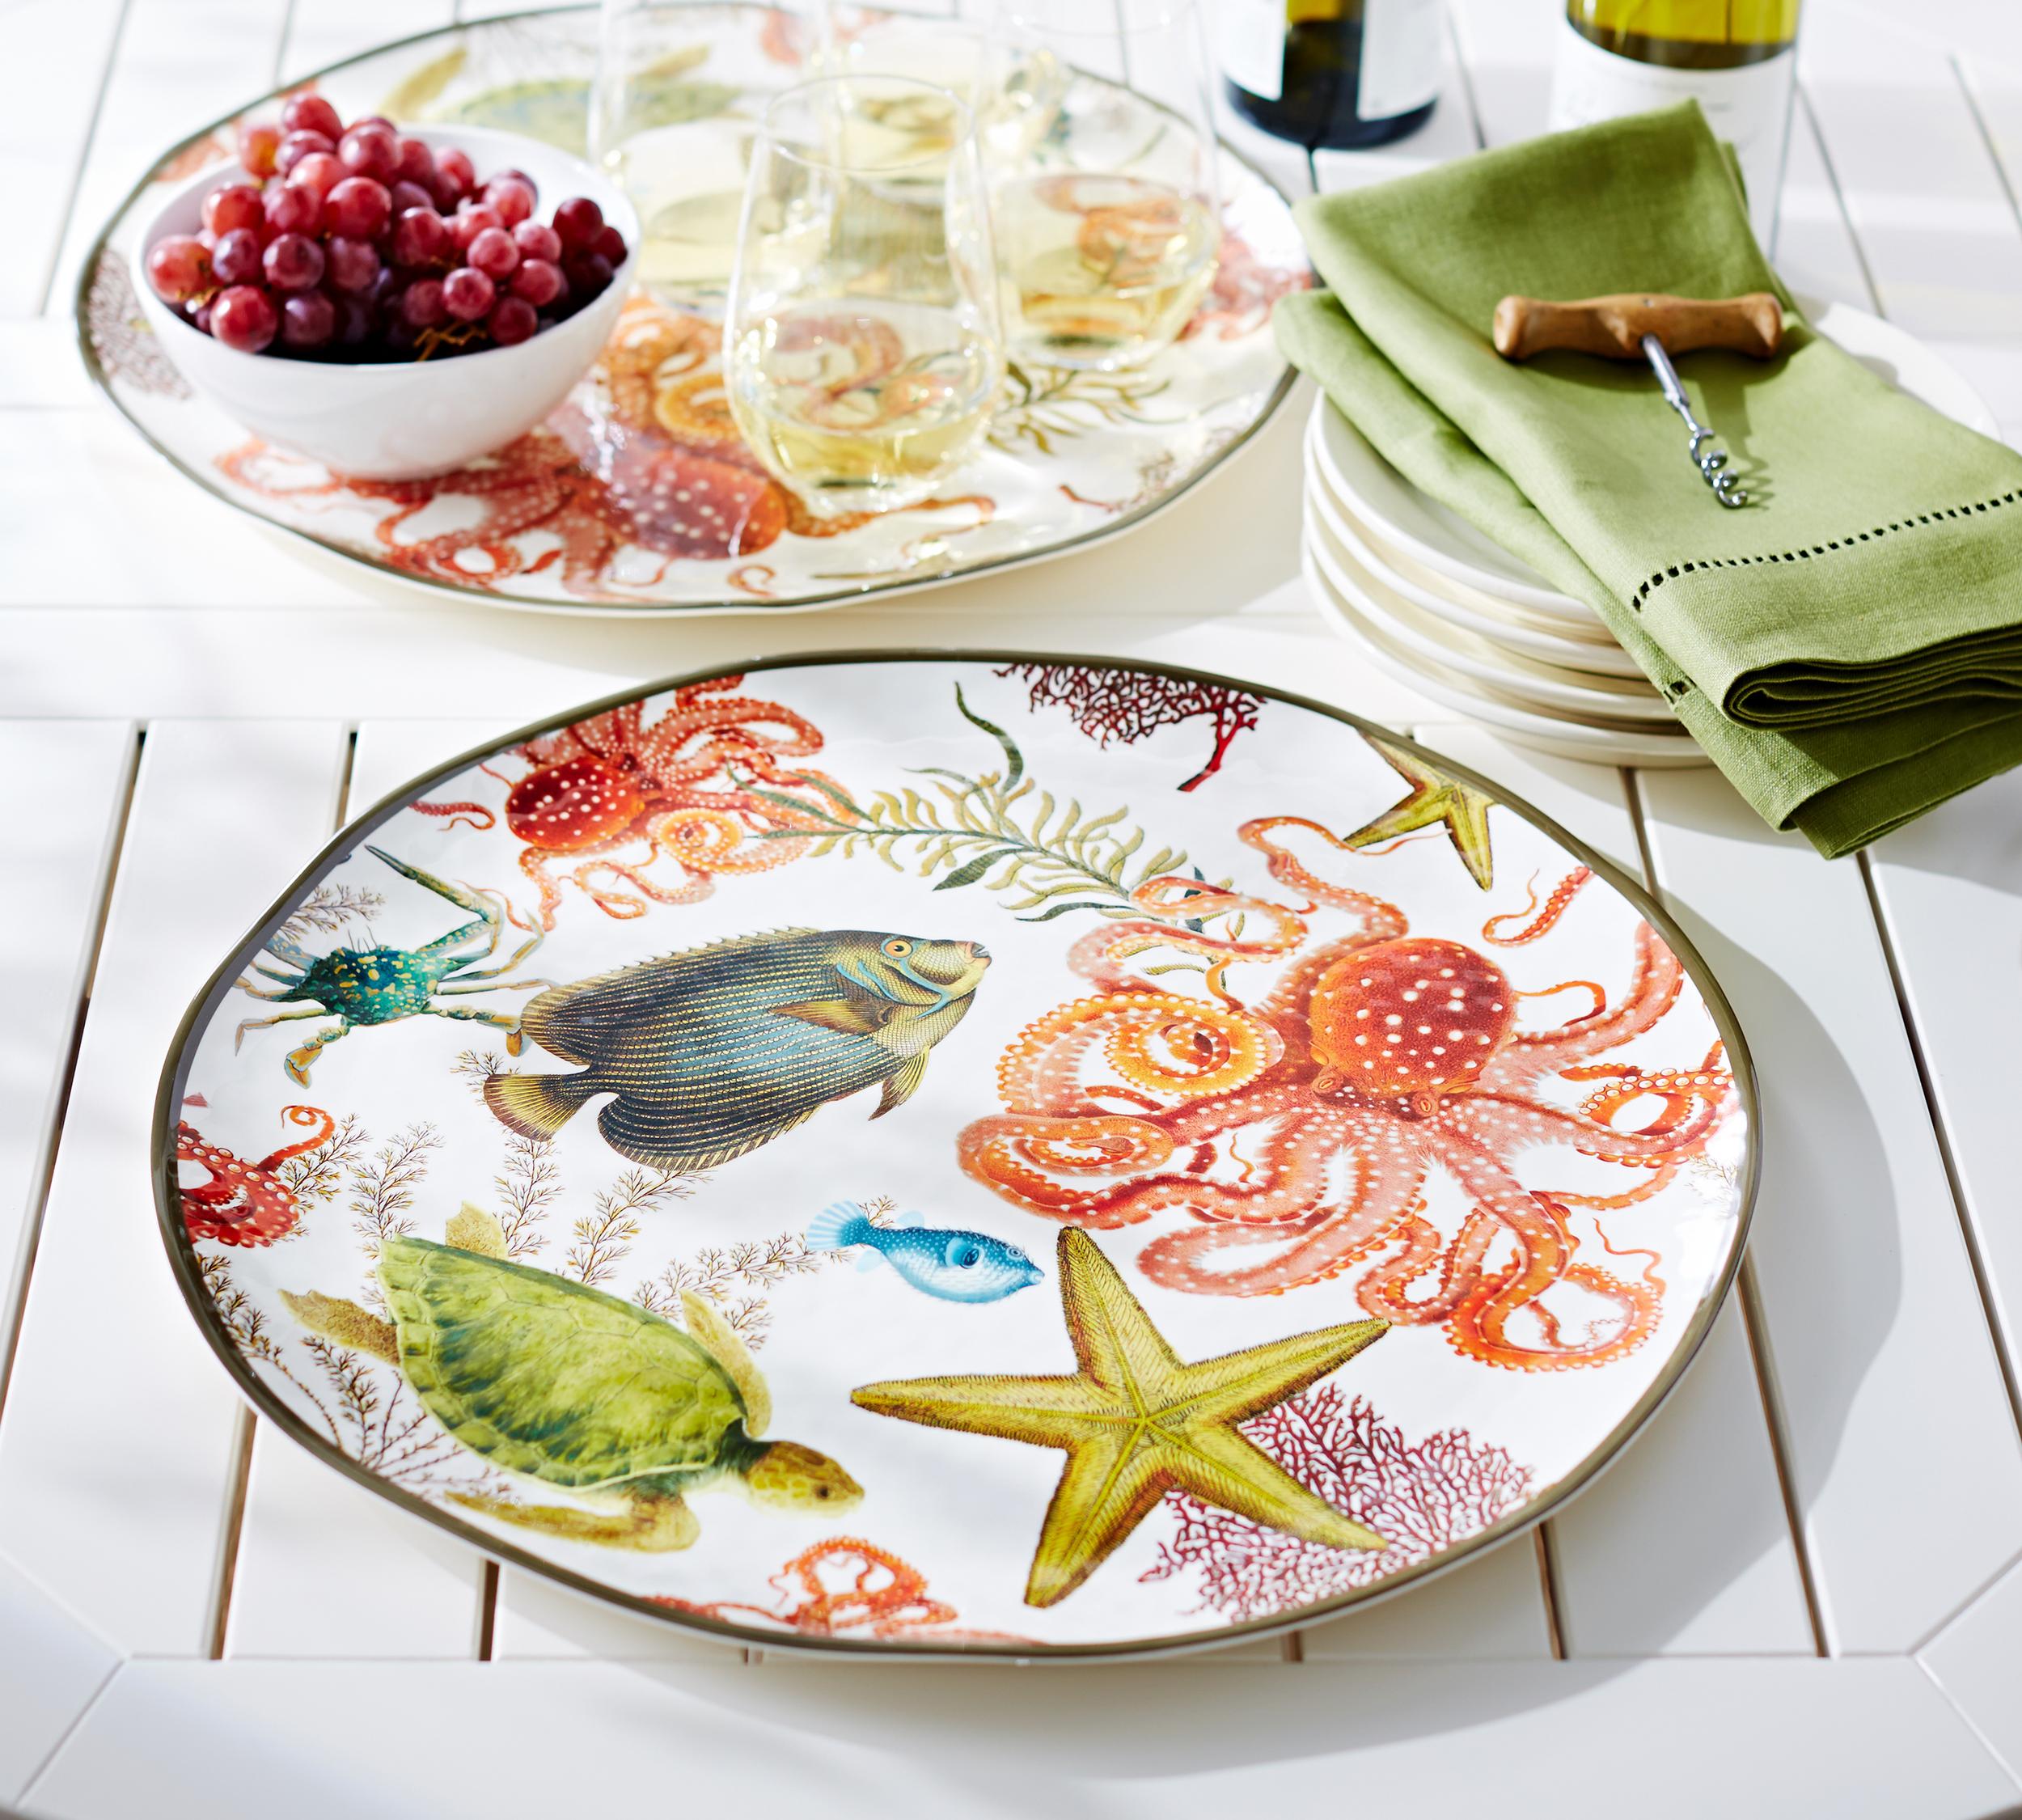 Playa Sea Critter Melamine Platter.jpg